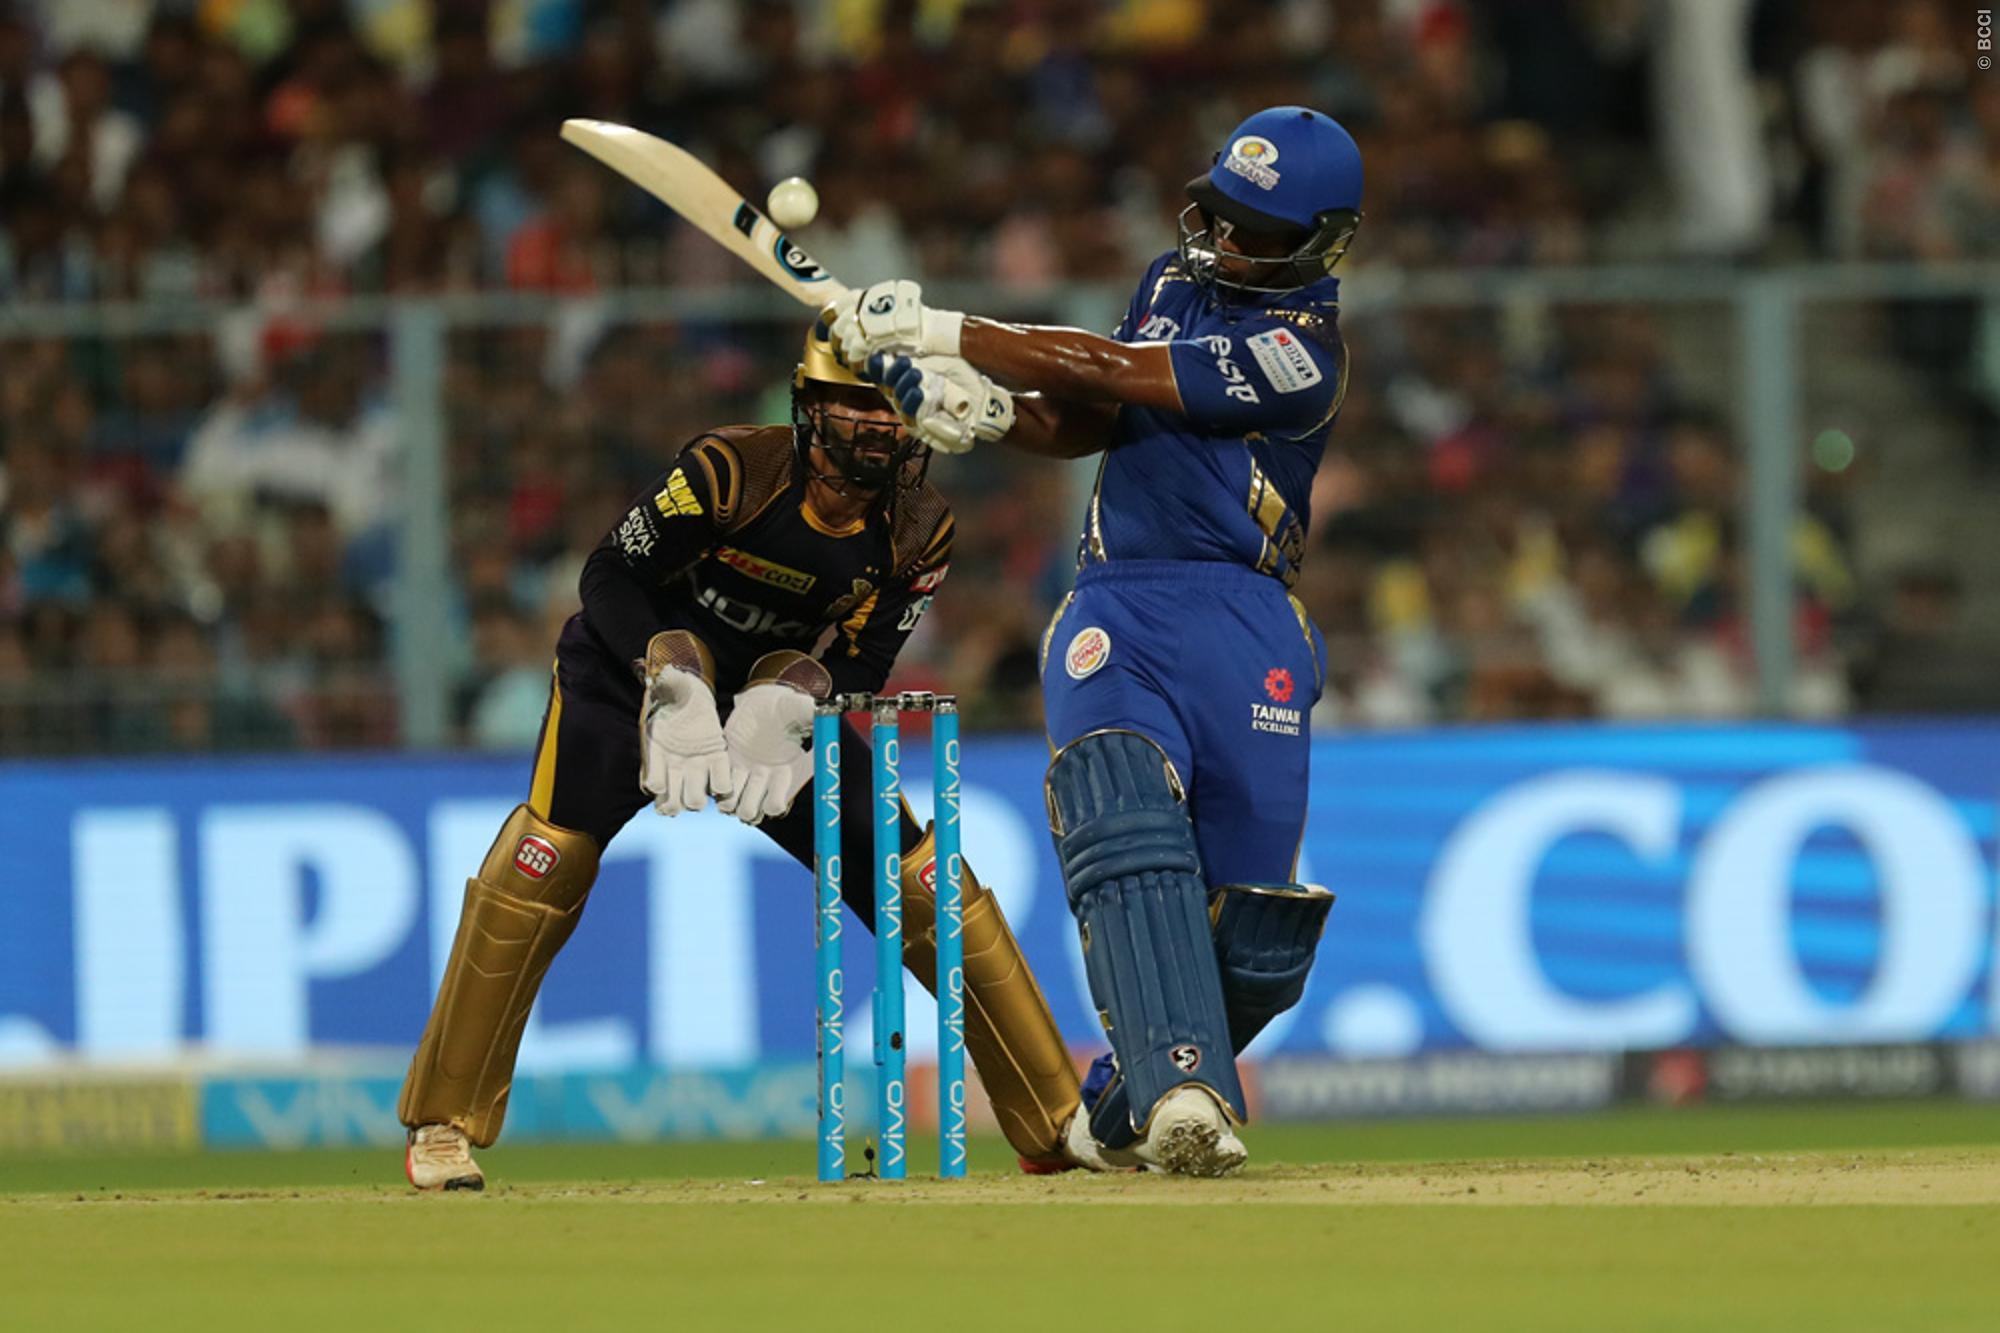 'मैन ऑफ द मैच' ईशान किशन ने अपनी तूफानी पारी का श्रेय इस दिग्गज खिलाड़ी को दिया 10